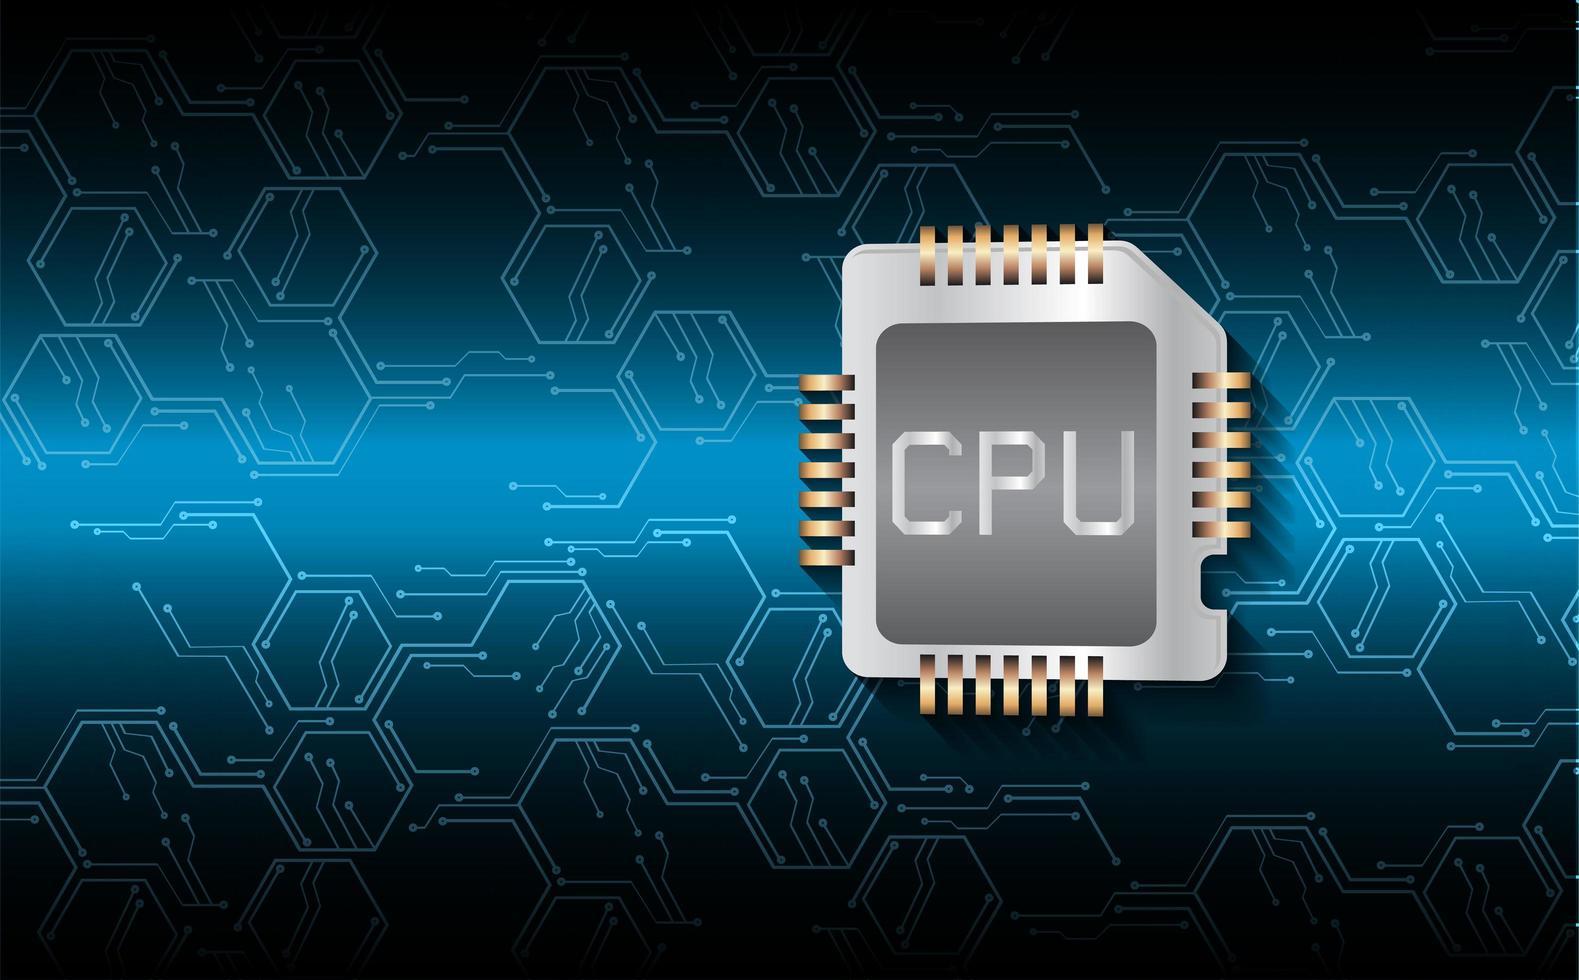 cpu cyber circuito futuro tecnologia concetto sfondo vettore